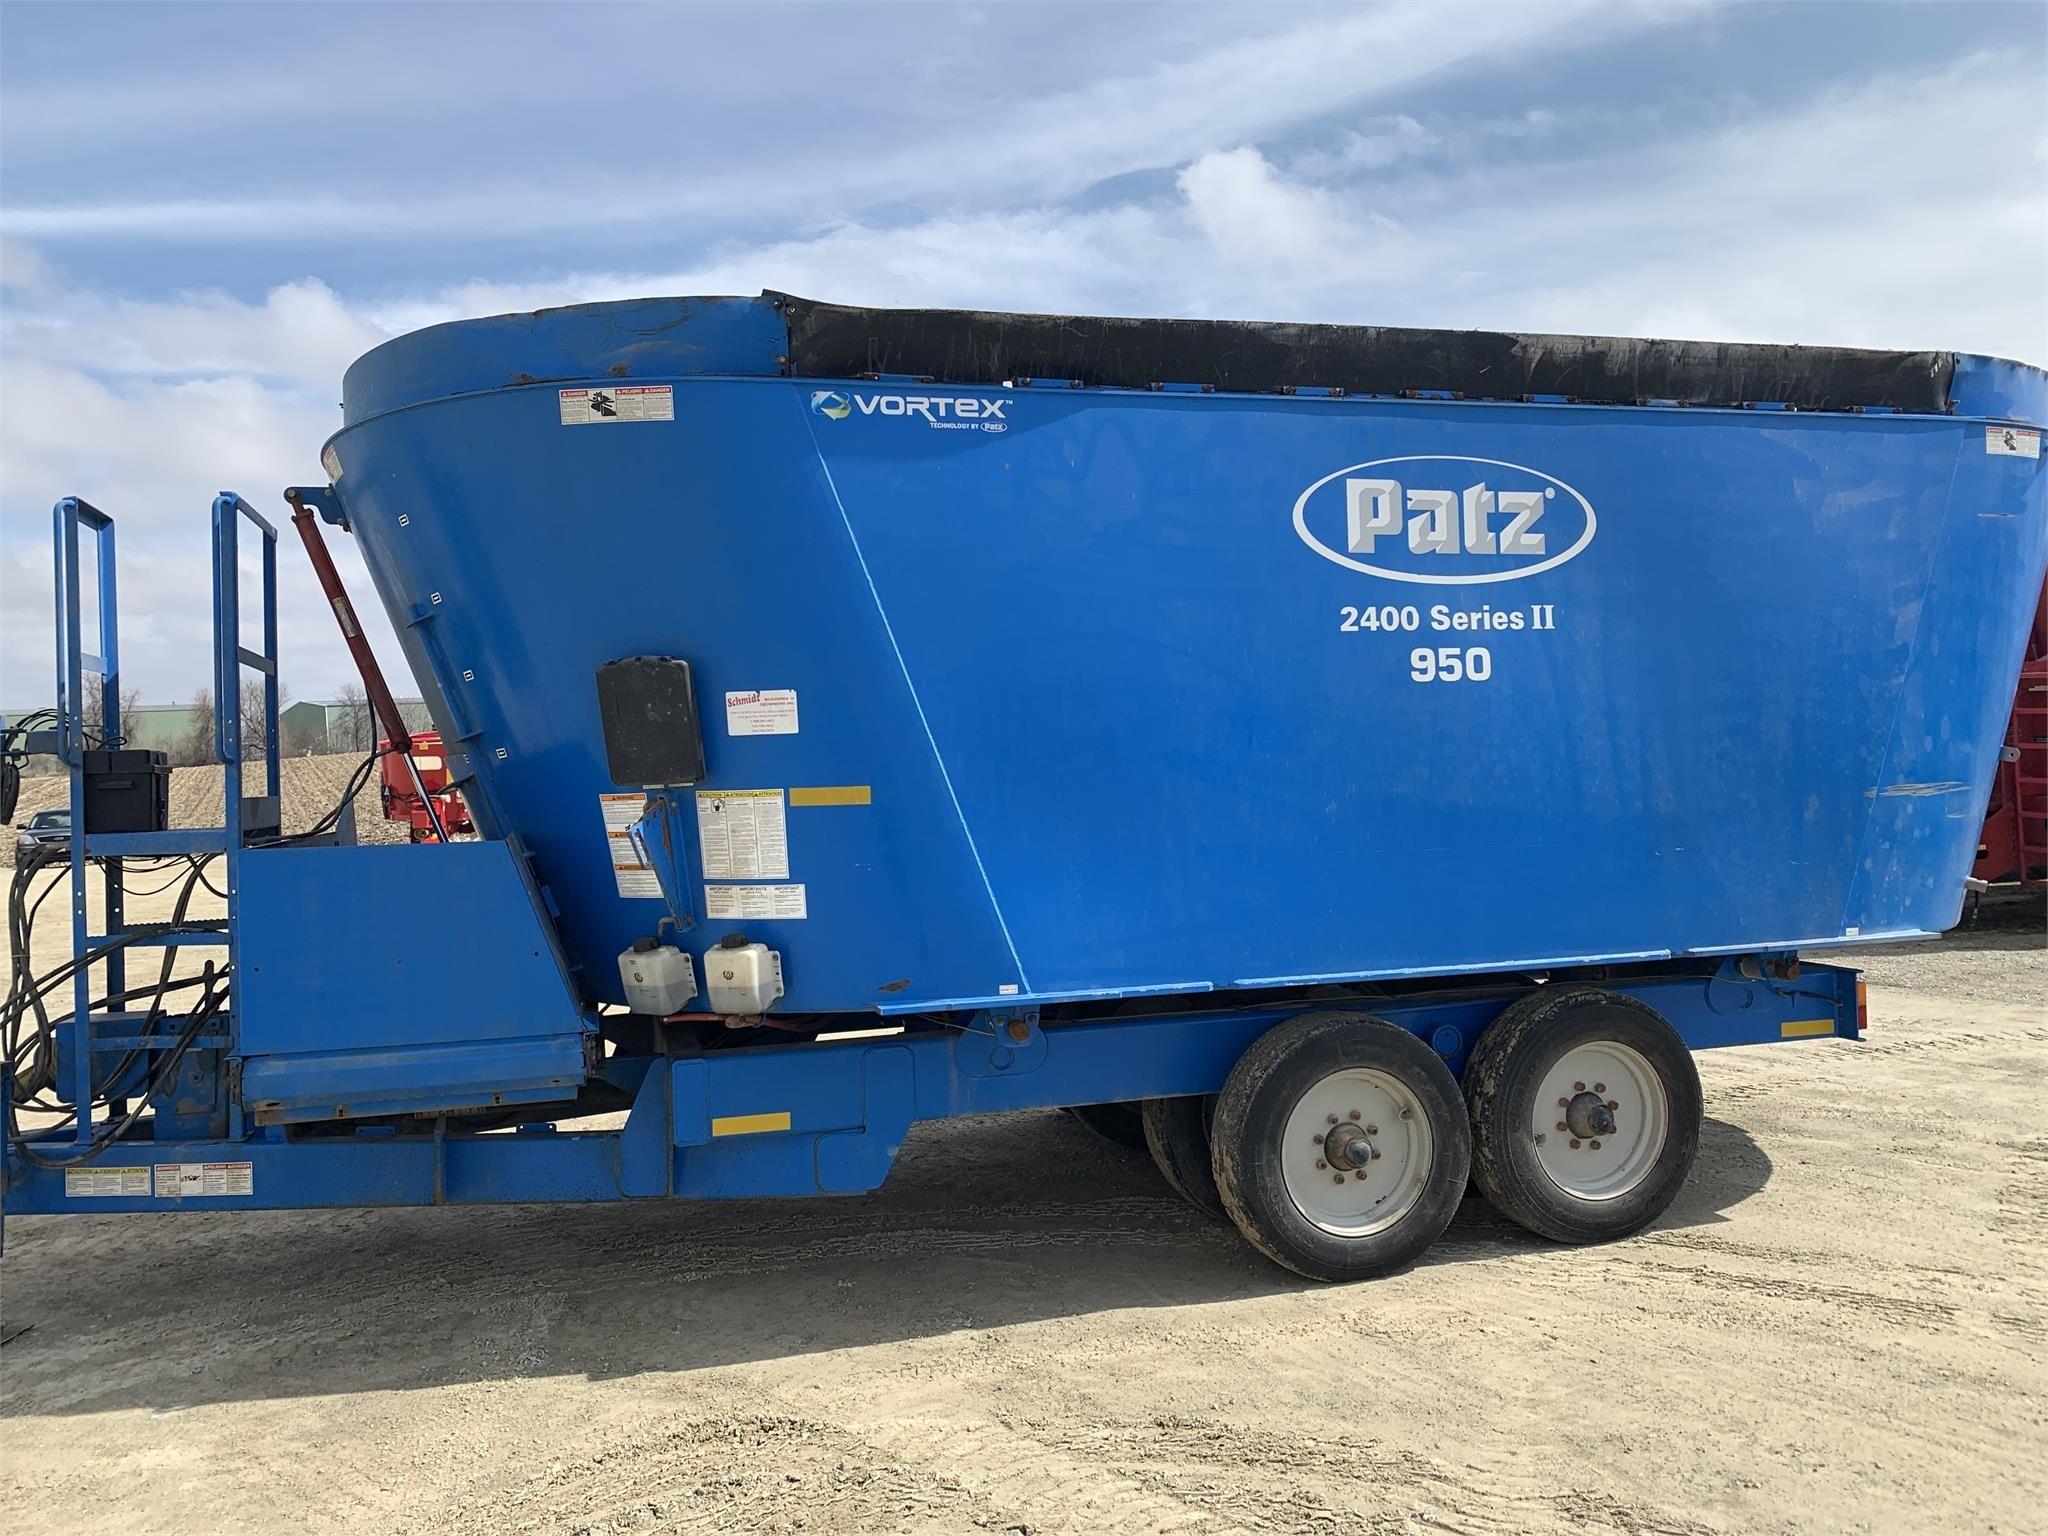 Patz 950 Grinders and Mixer